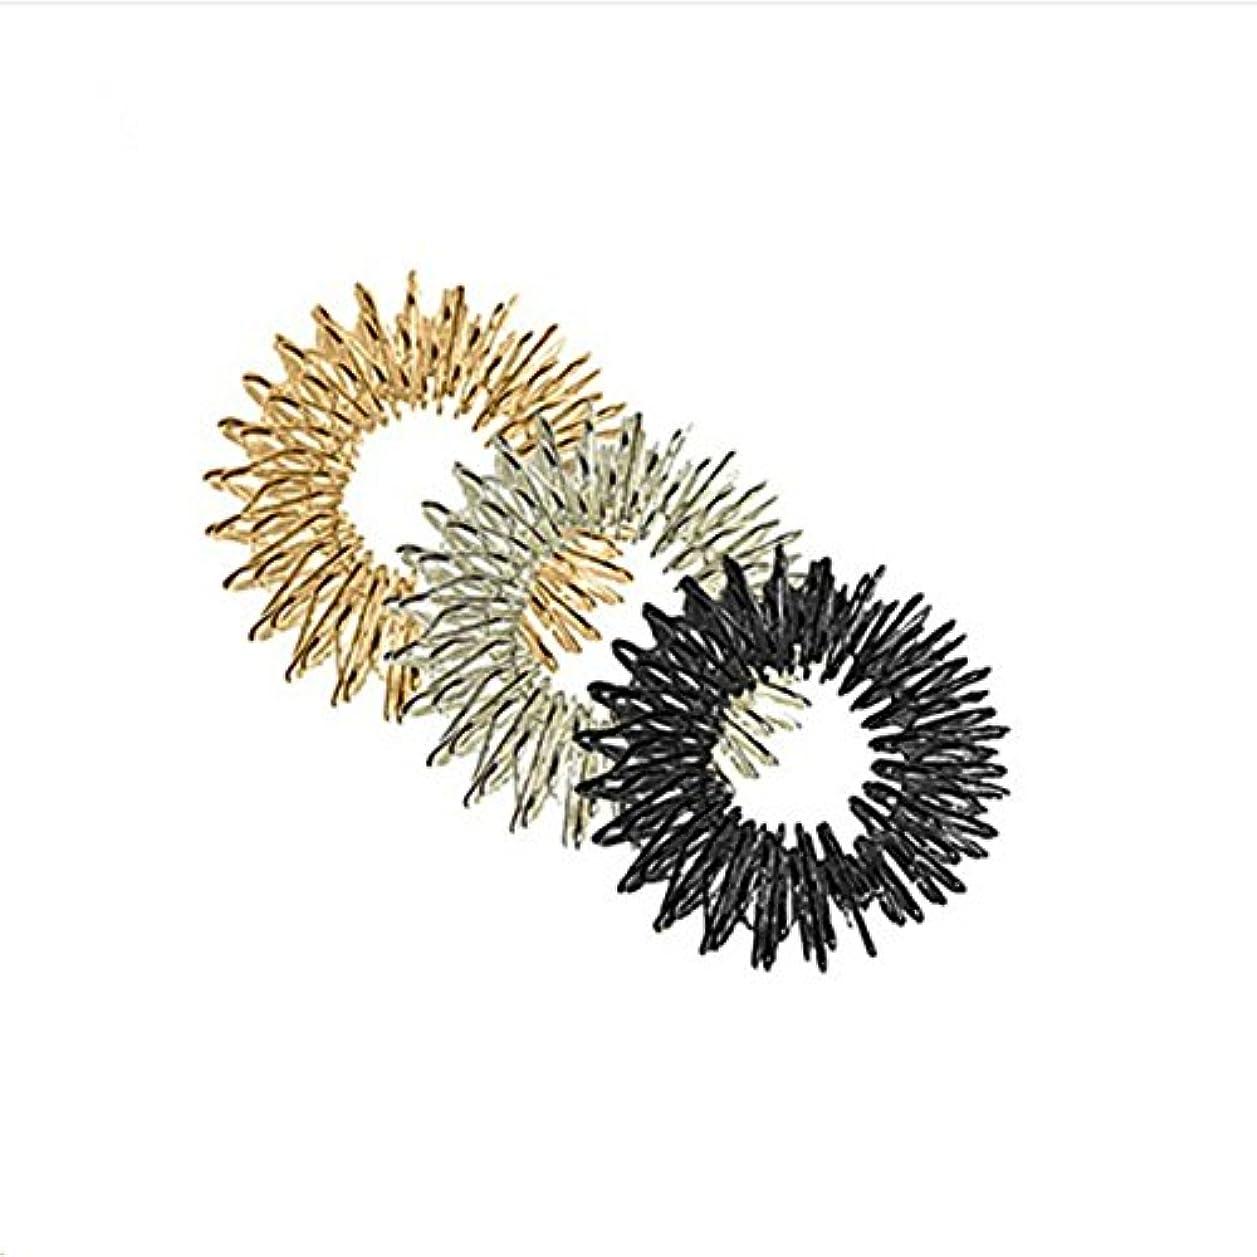 赤賭けコンプリートULTNICE マッサージリング 指圧マッサージャー 3個セット(ゴールド/シルバー/ブラック)